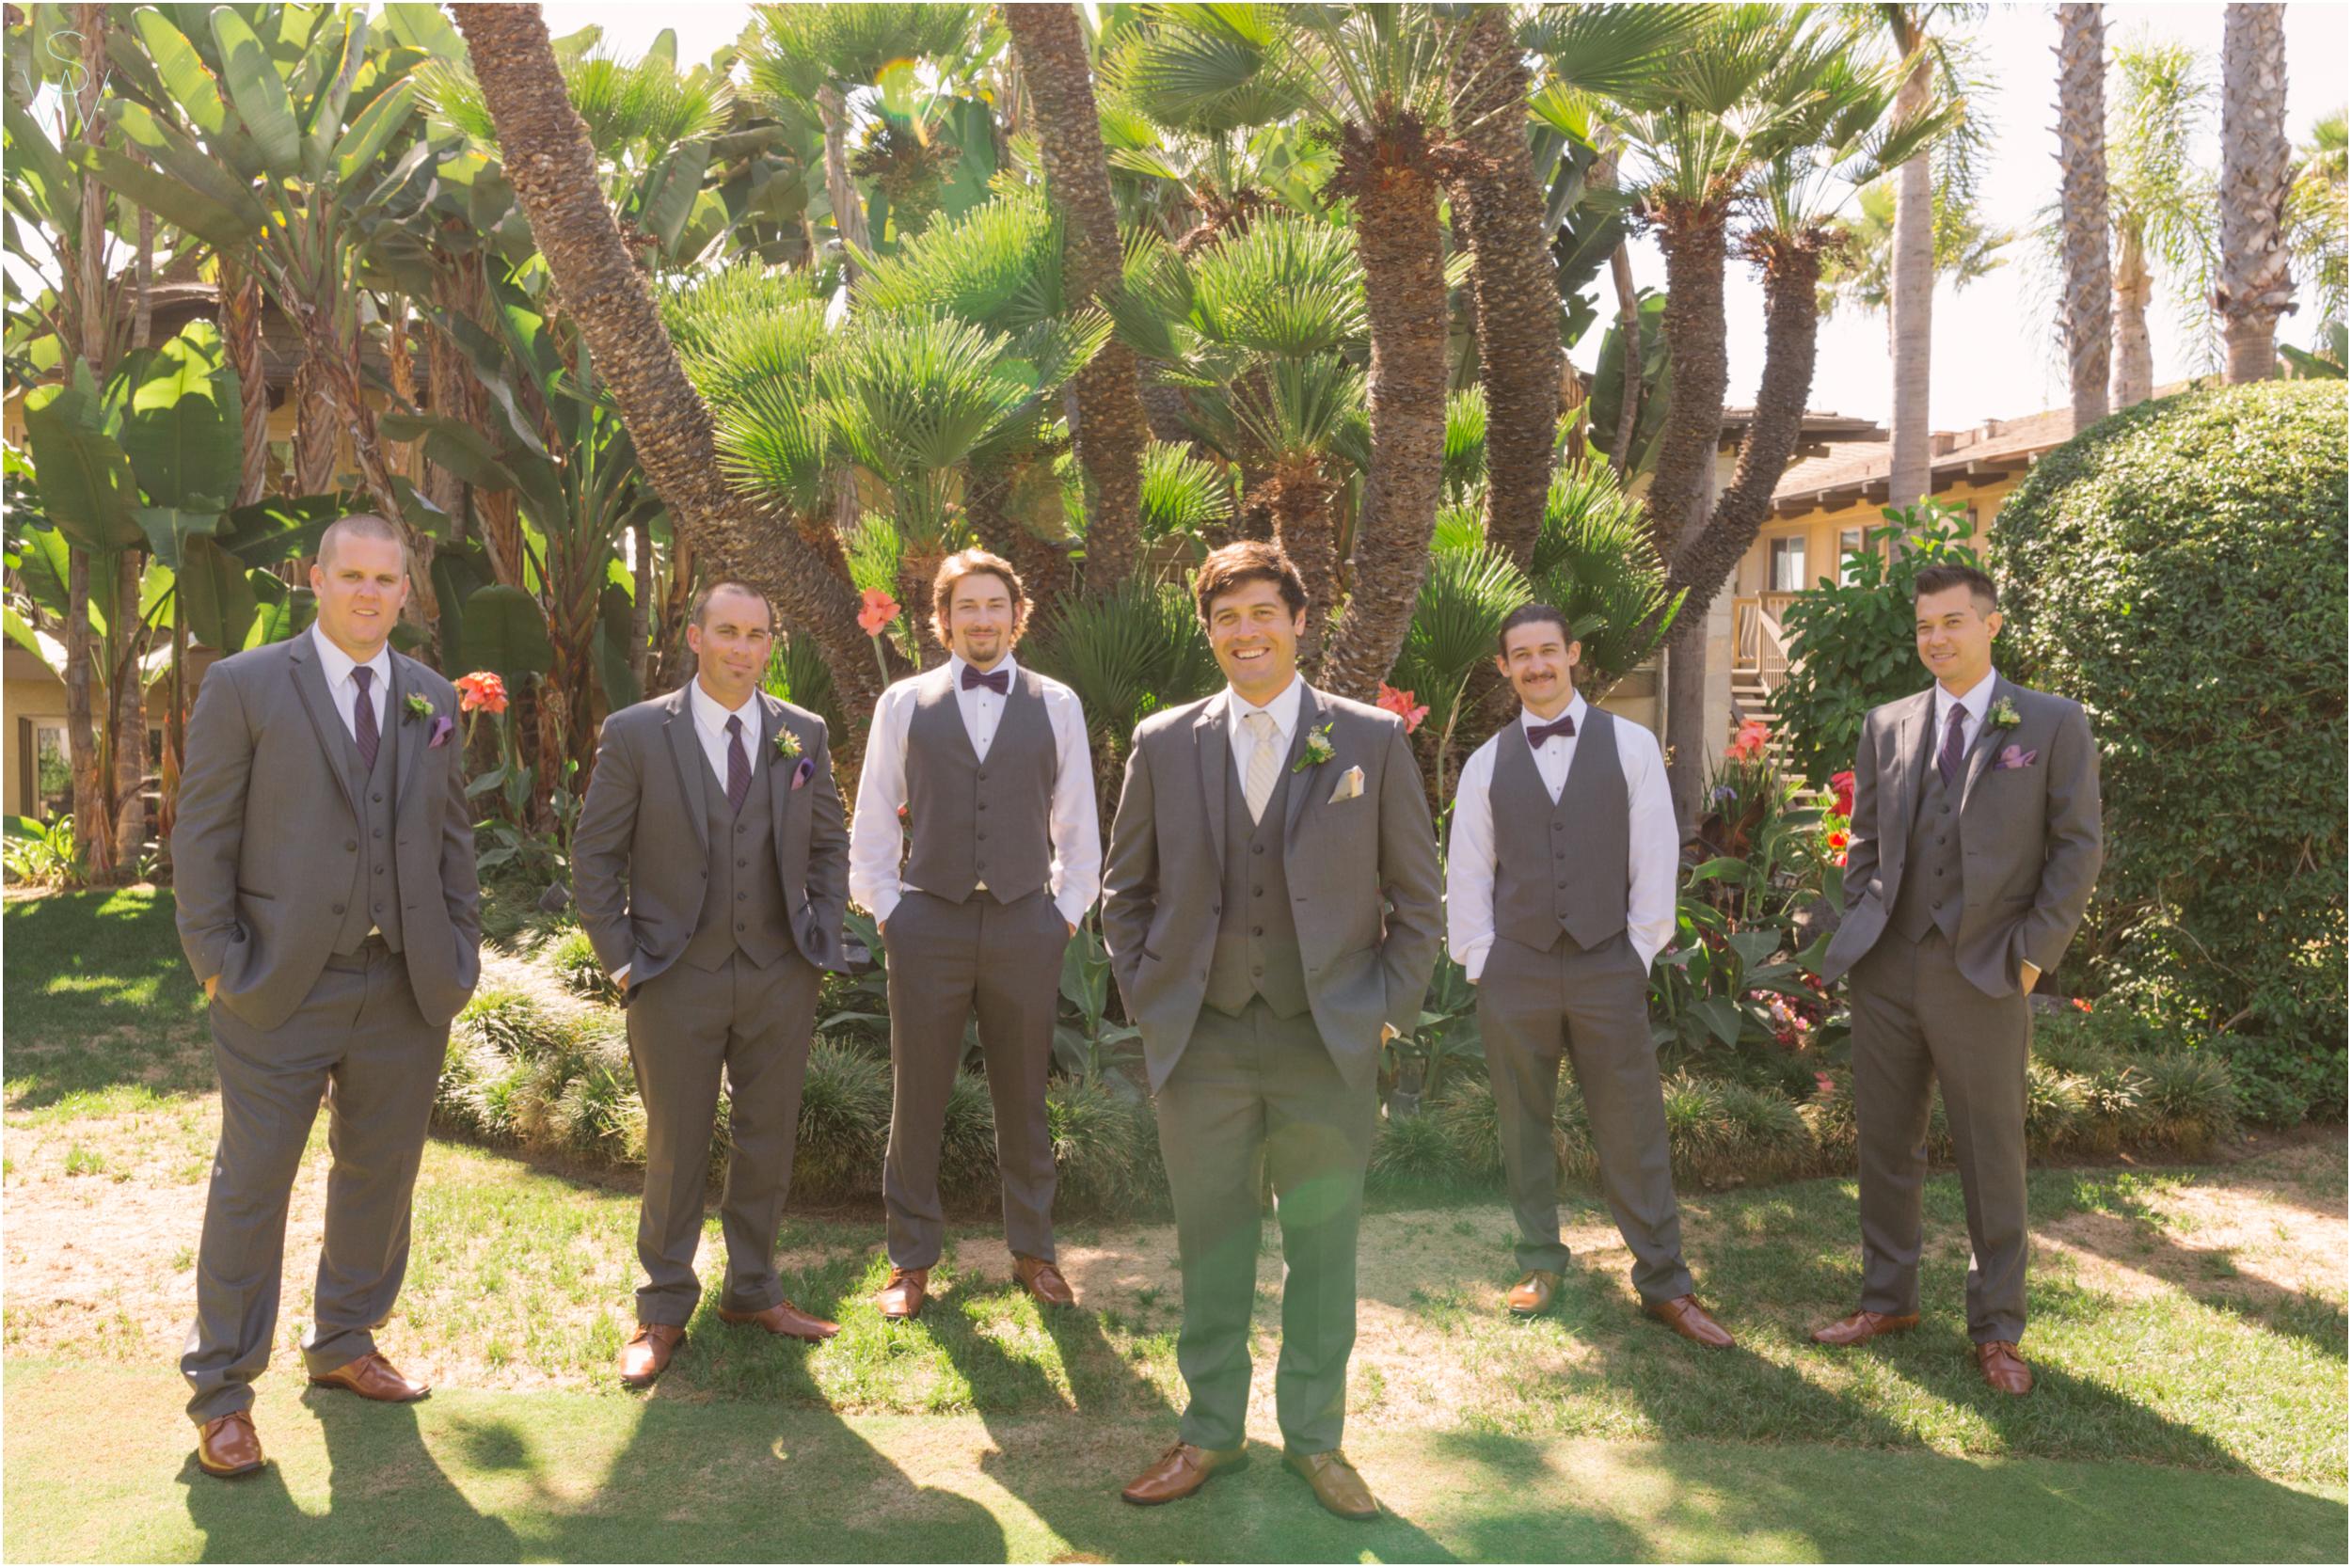 124San.diego.wedding.shewanders.photography.JPG